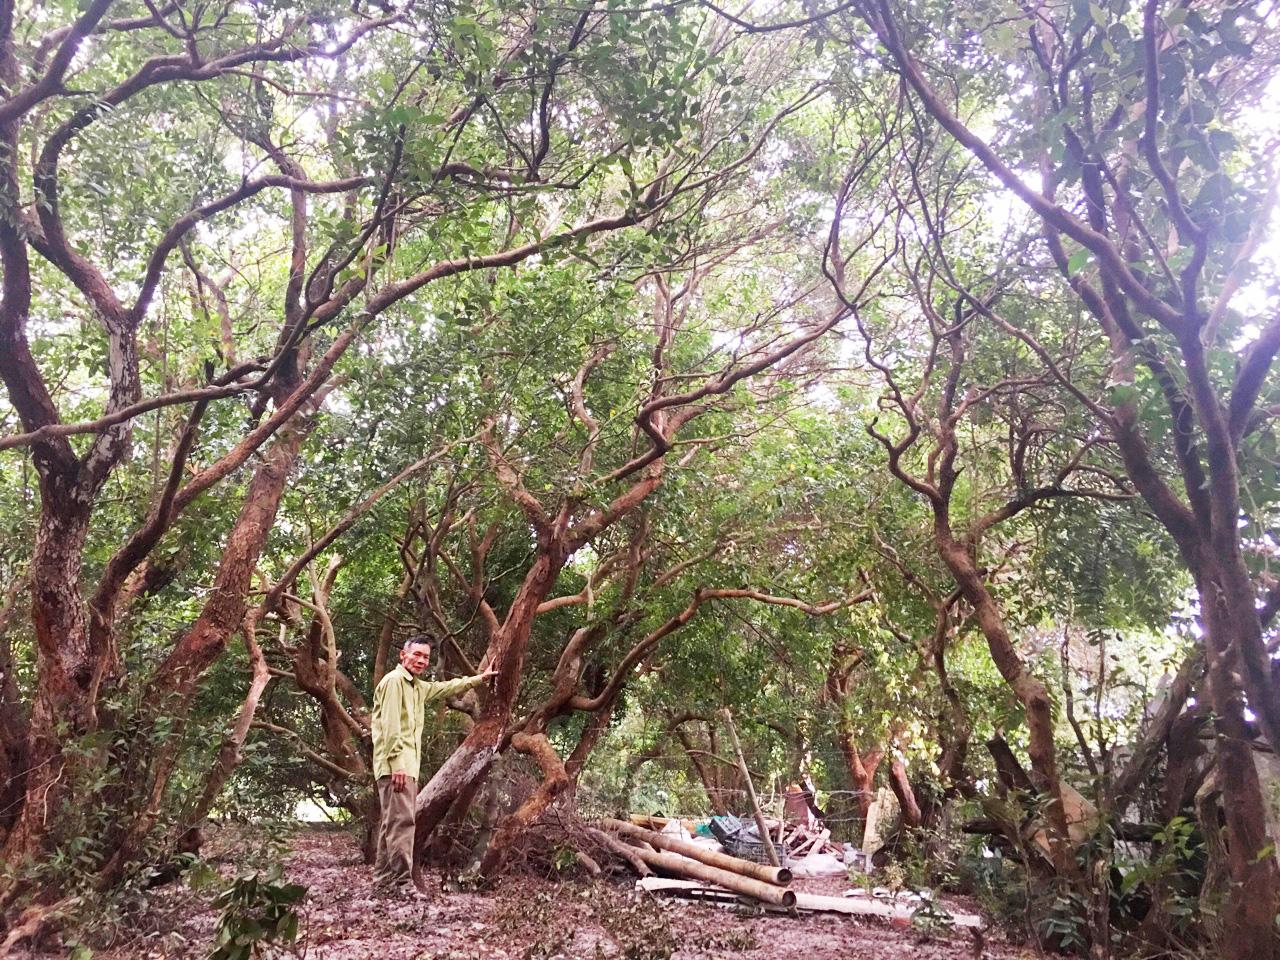 Bao thế hệ người dân thôn Thanh Bình gìn giữ rừng trâm bầu,